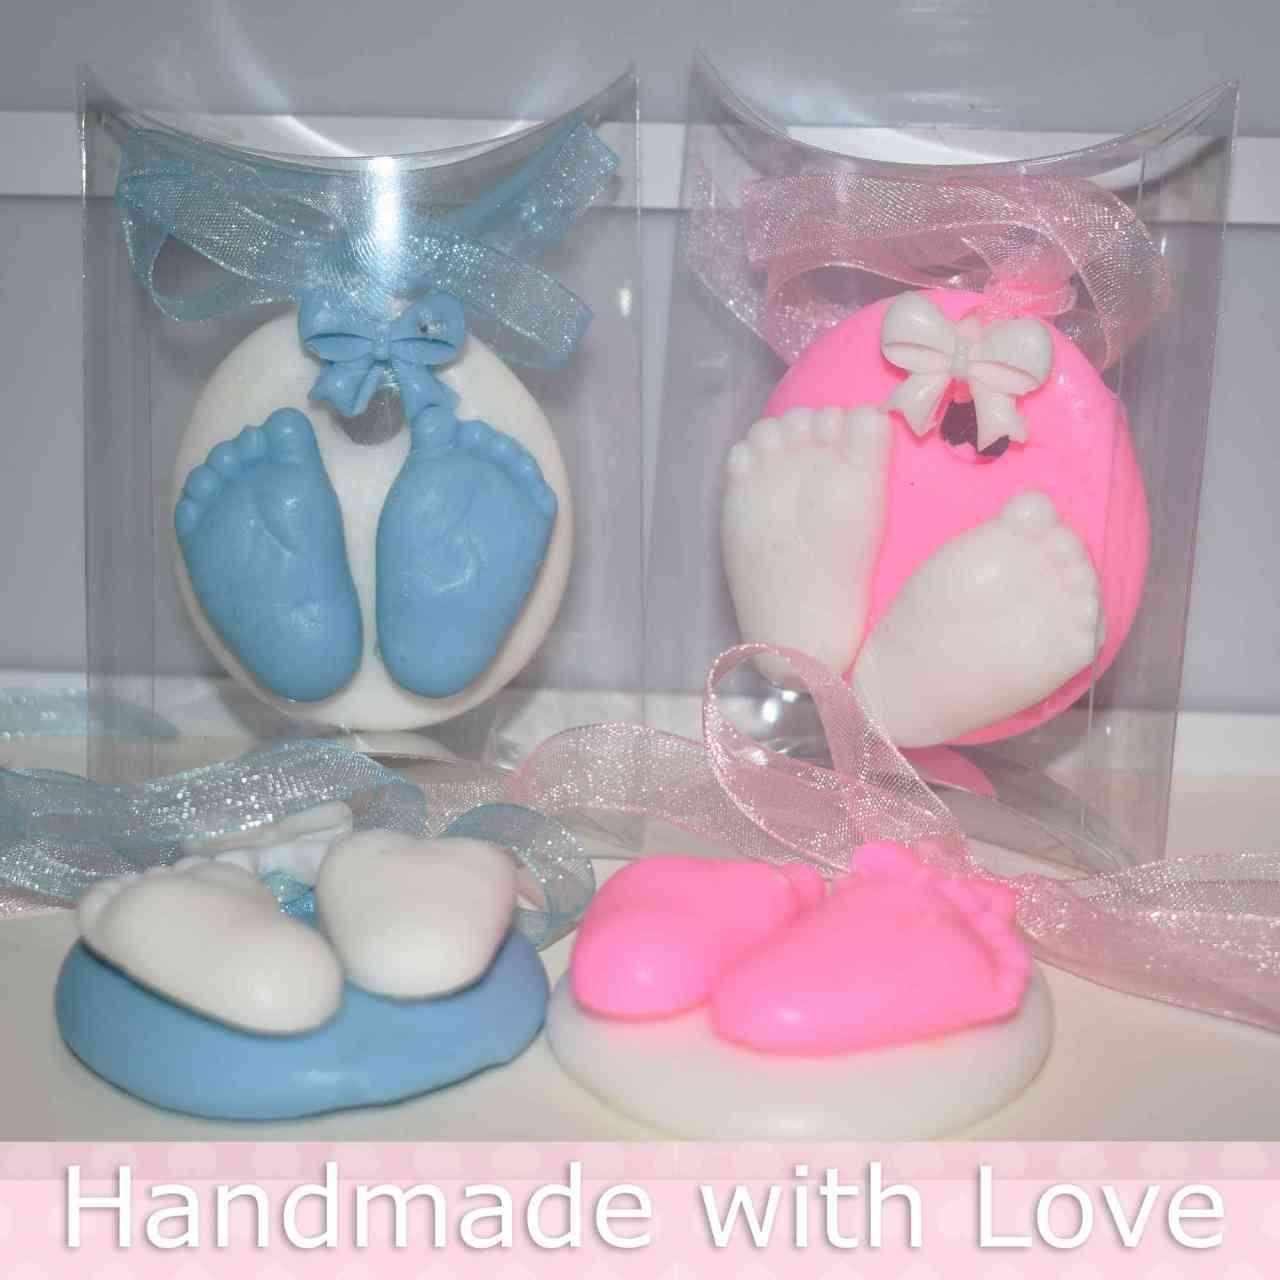 3D Baby Füße Geschenk | Gastgeschenk | Baby Shower | Babyshower geschenk | personalisierbar